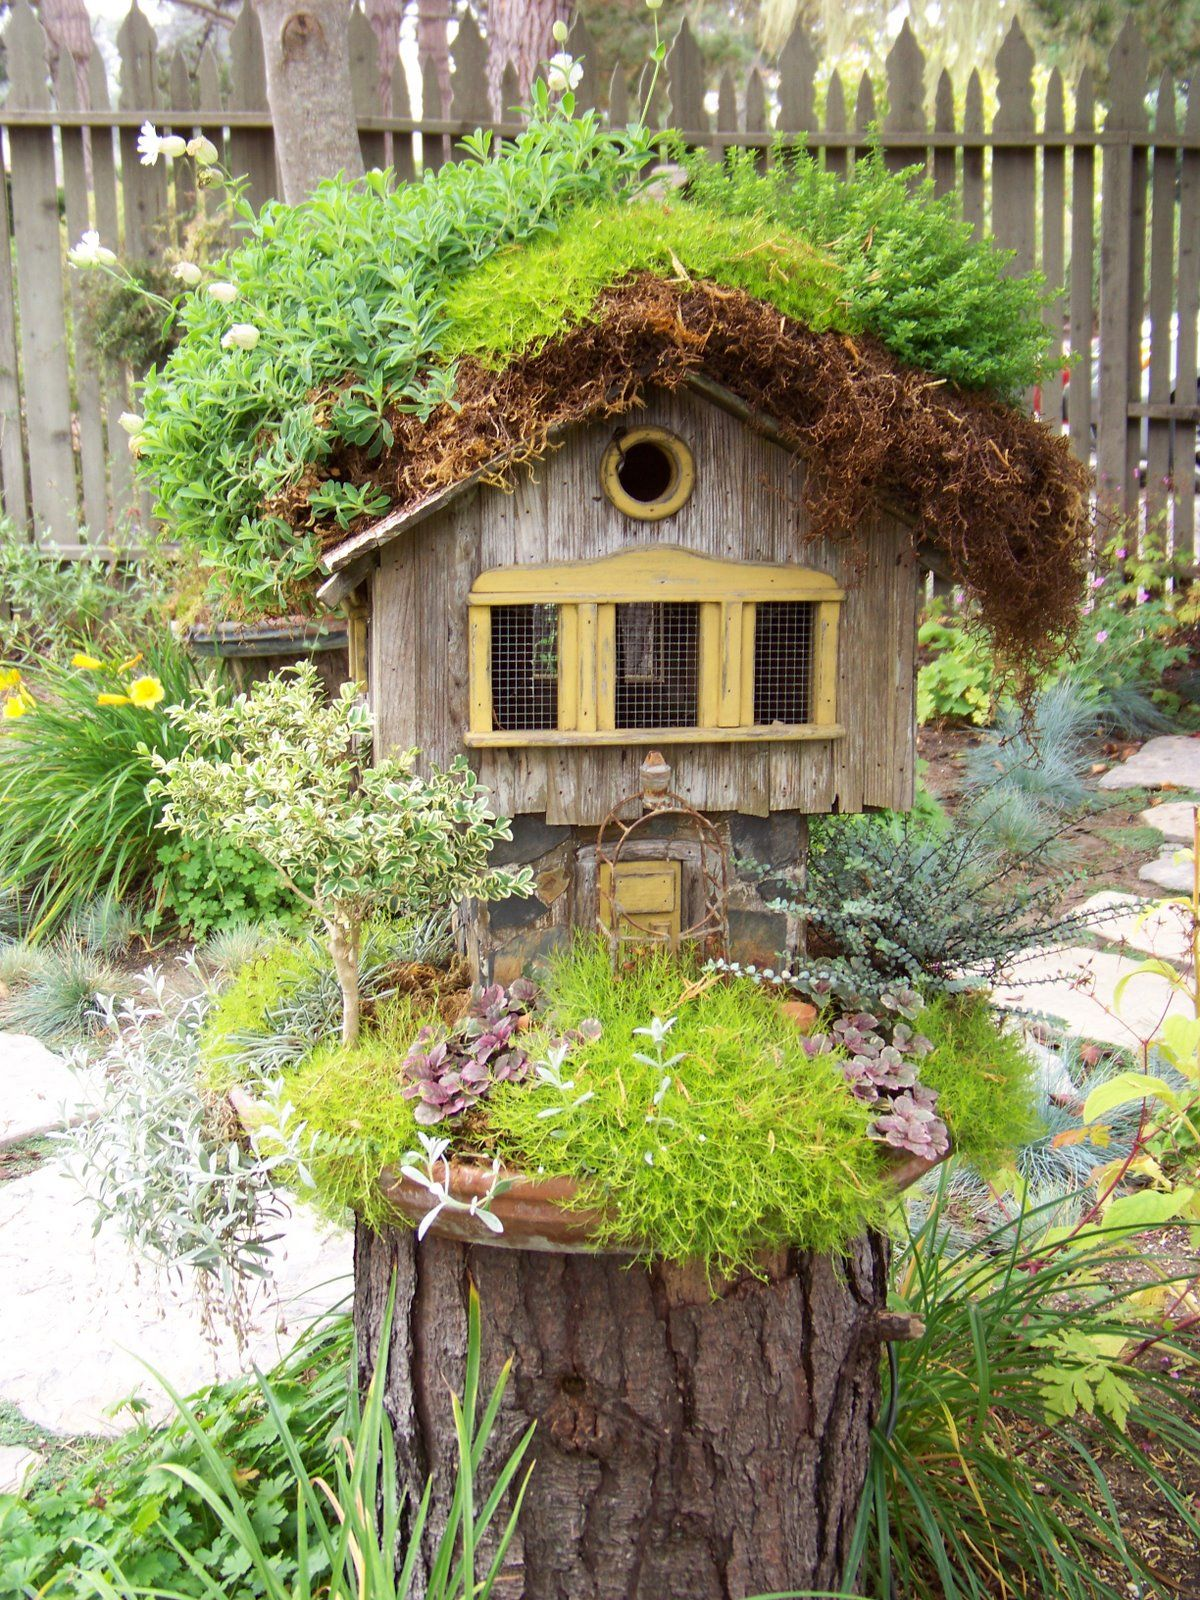 выполнить предложенную декоративные домики для сада фото это